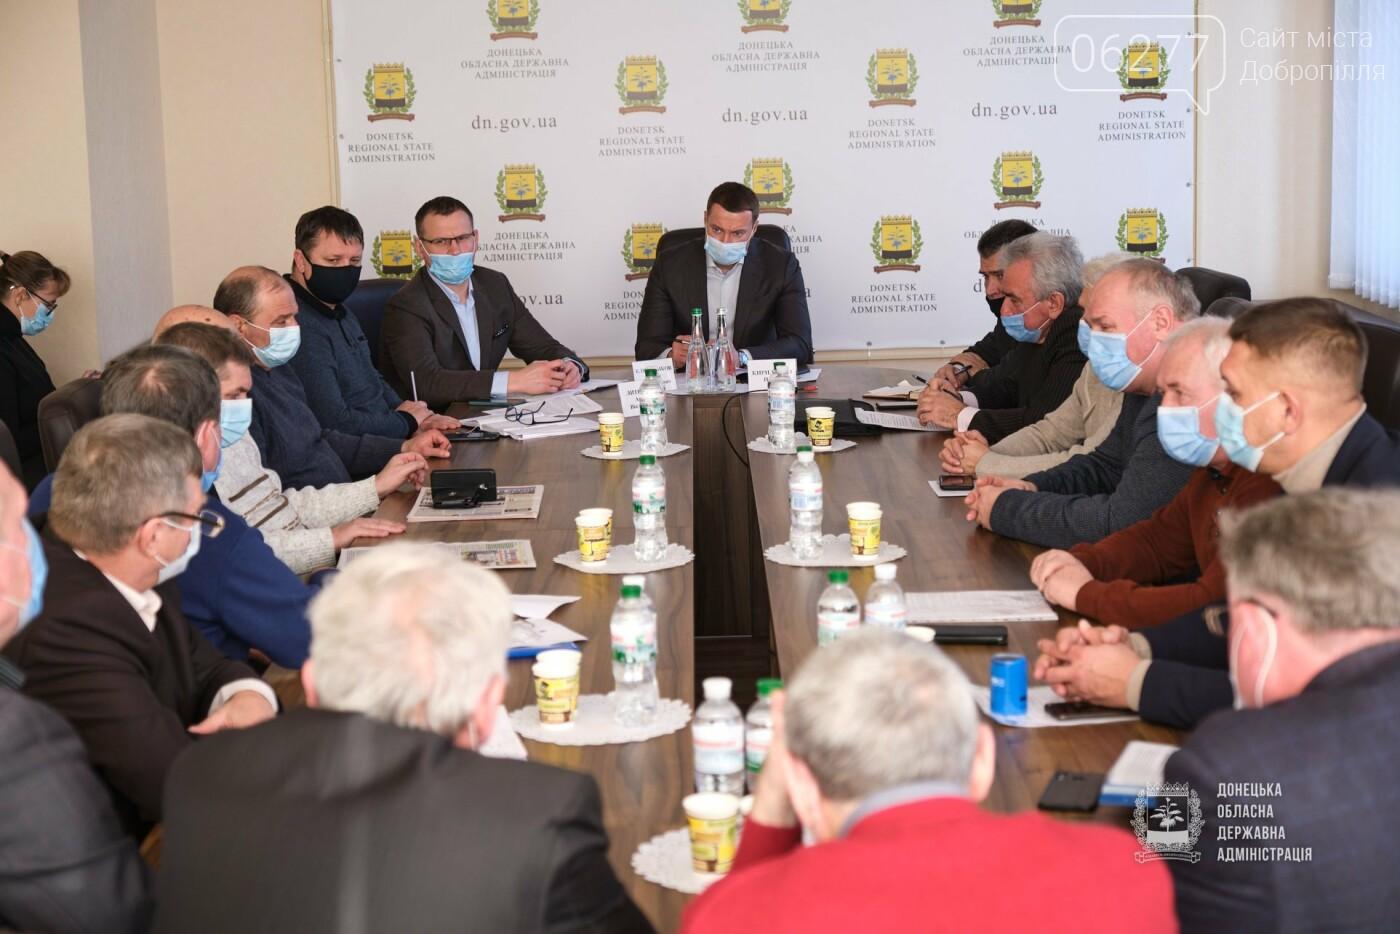 Близько 700 мільйонів гривень має надійти на шахти Донеччини для погашення заборгованості із зарплати, фото-2